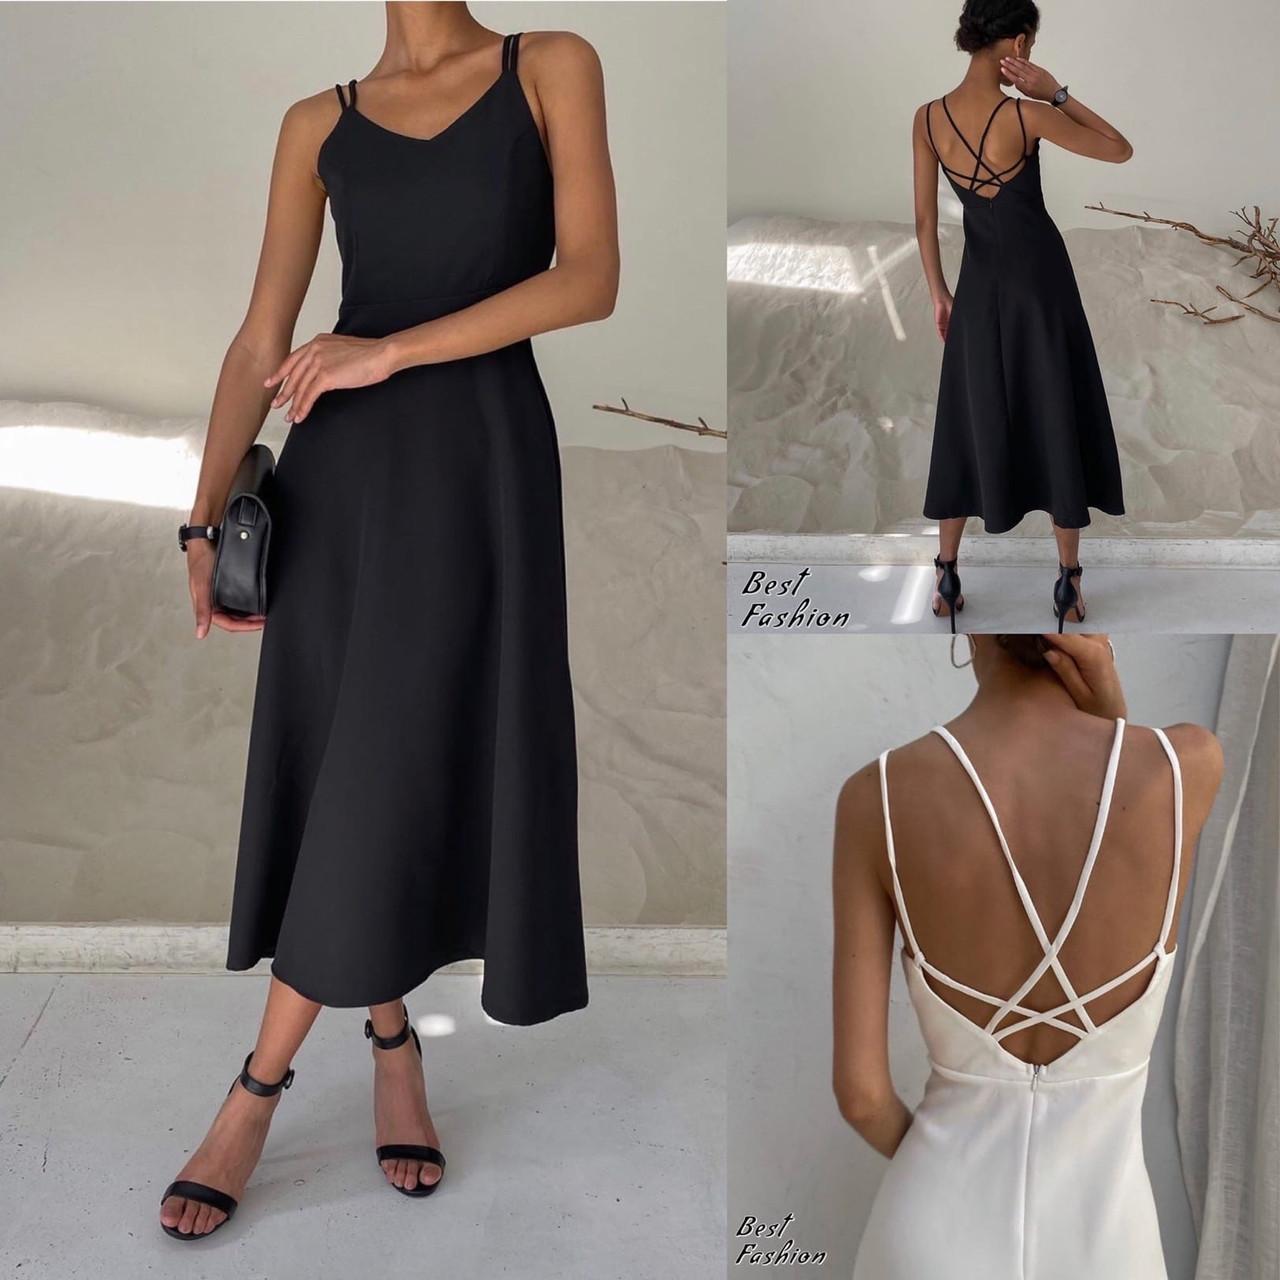 Летнее платье-комбинация на узкой бретеле с фигурной спинкой, 2цвета, Р-р.42-44, 44-46 Код 445Ц